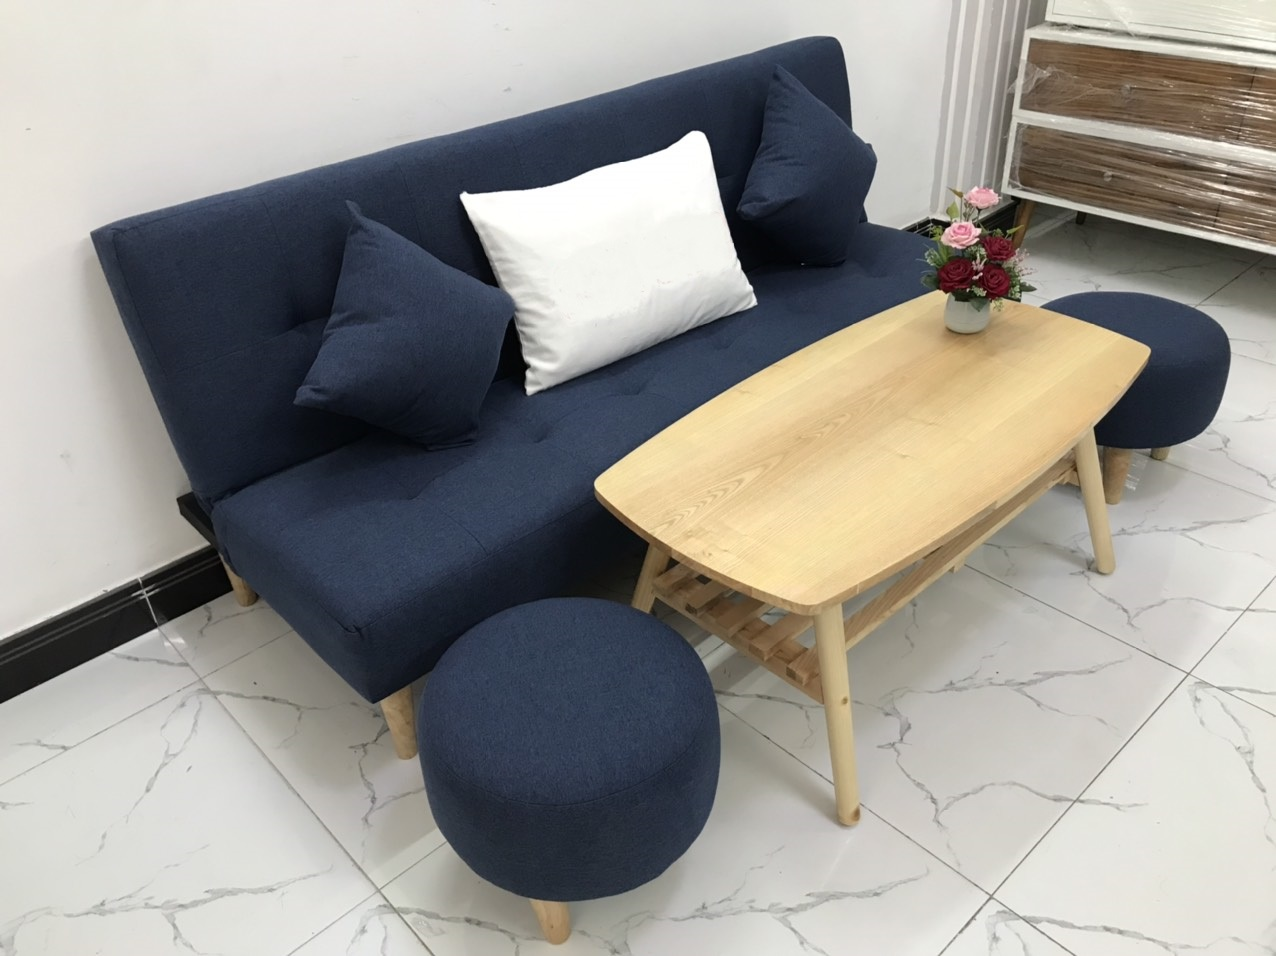 Bộ ghế sofa bed 1m7x90 sofa giường phòng khách linco09